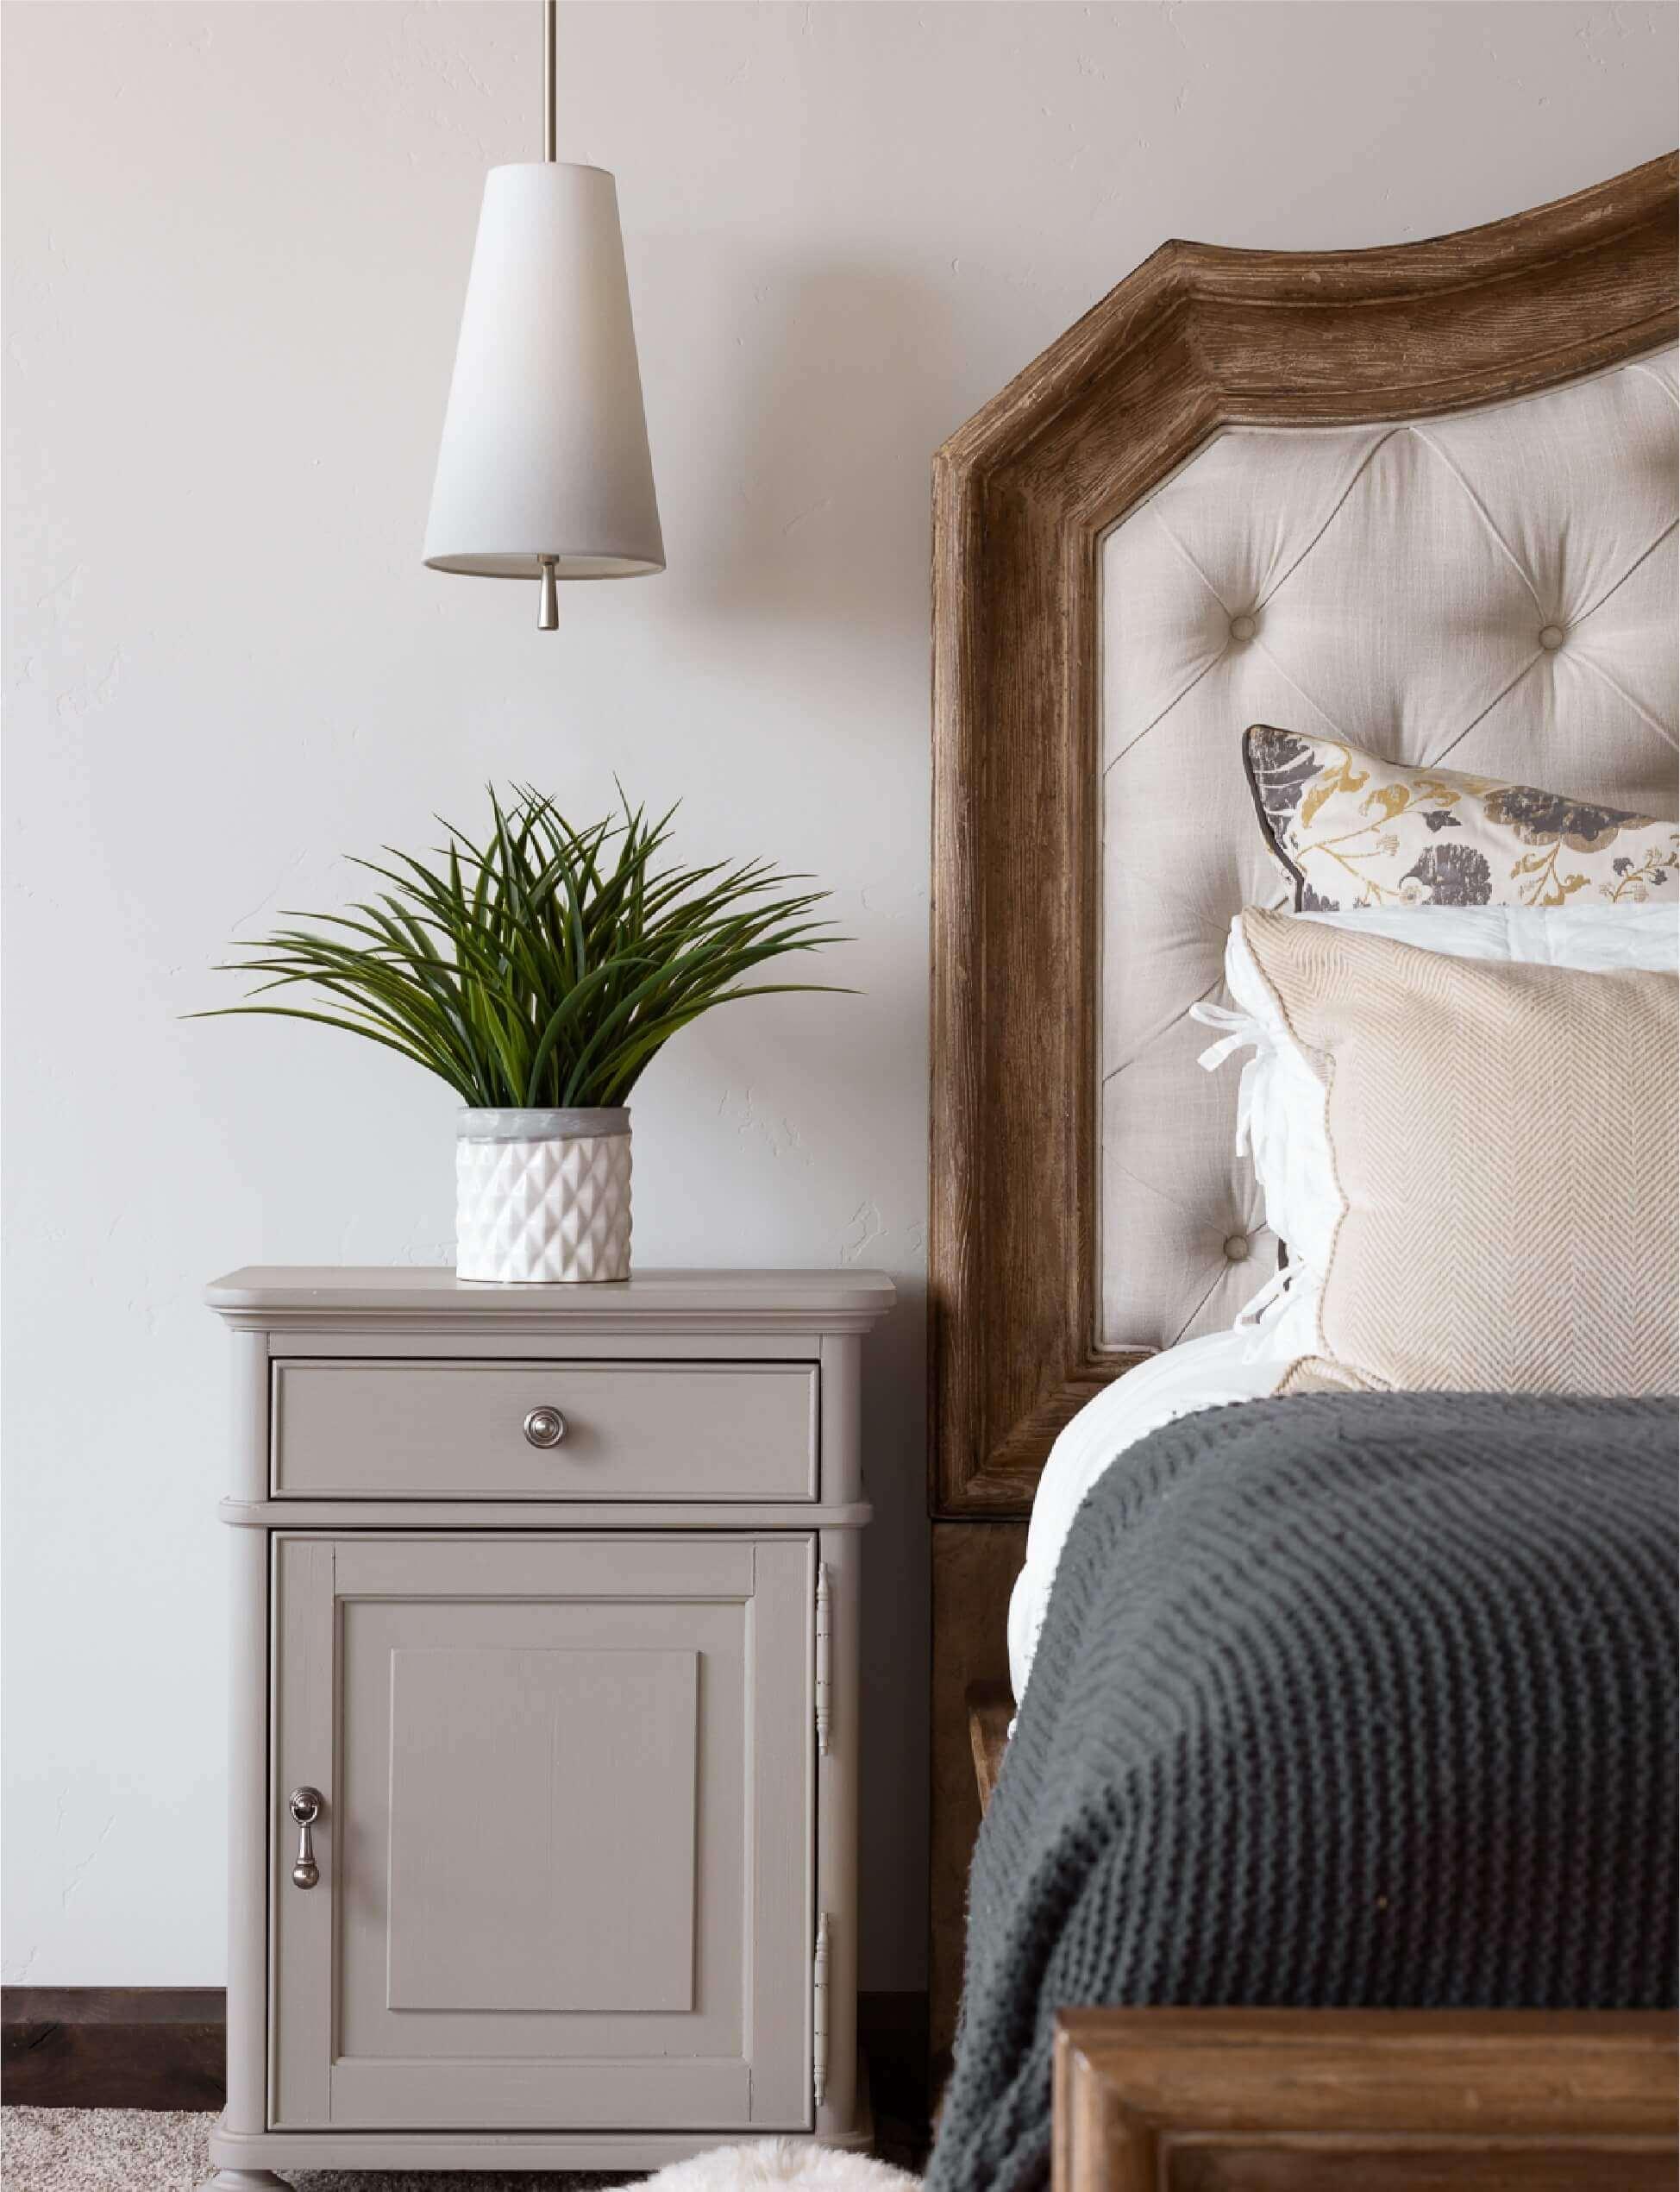 Luxury Custom Home Design Built by Southern Utah Home Builders